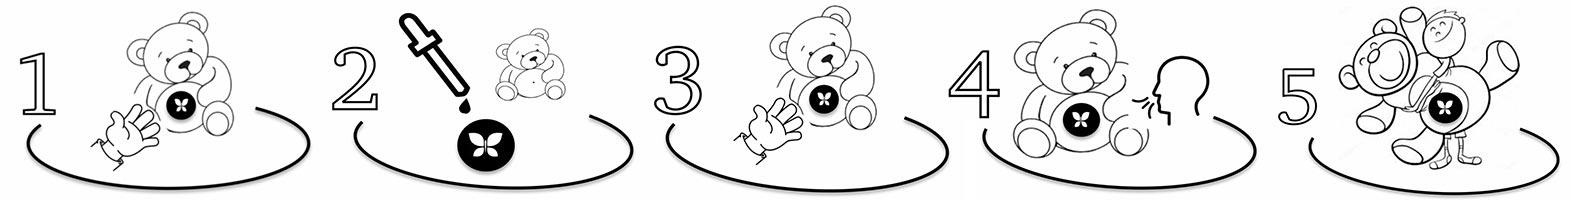 how to use teddy bear